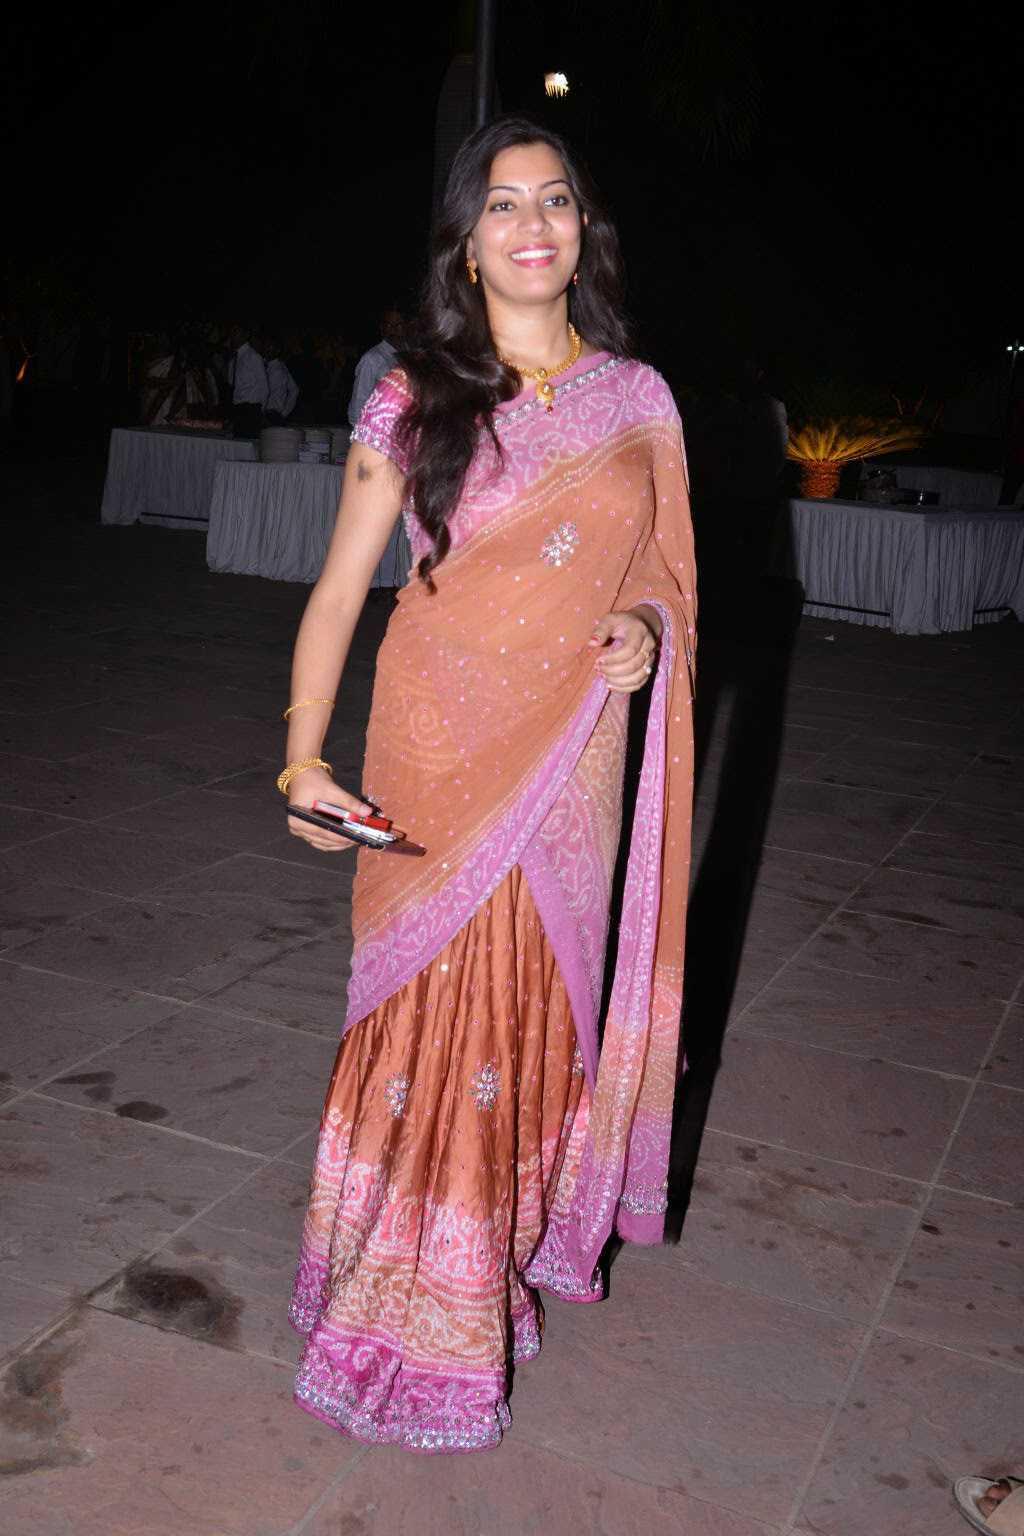 Tollywood Singer Hip Navel Show In Pink Saree Geeta Madhuri